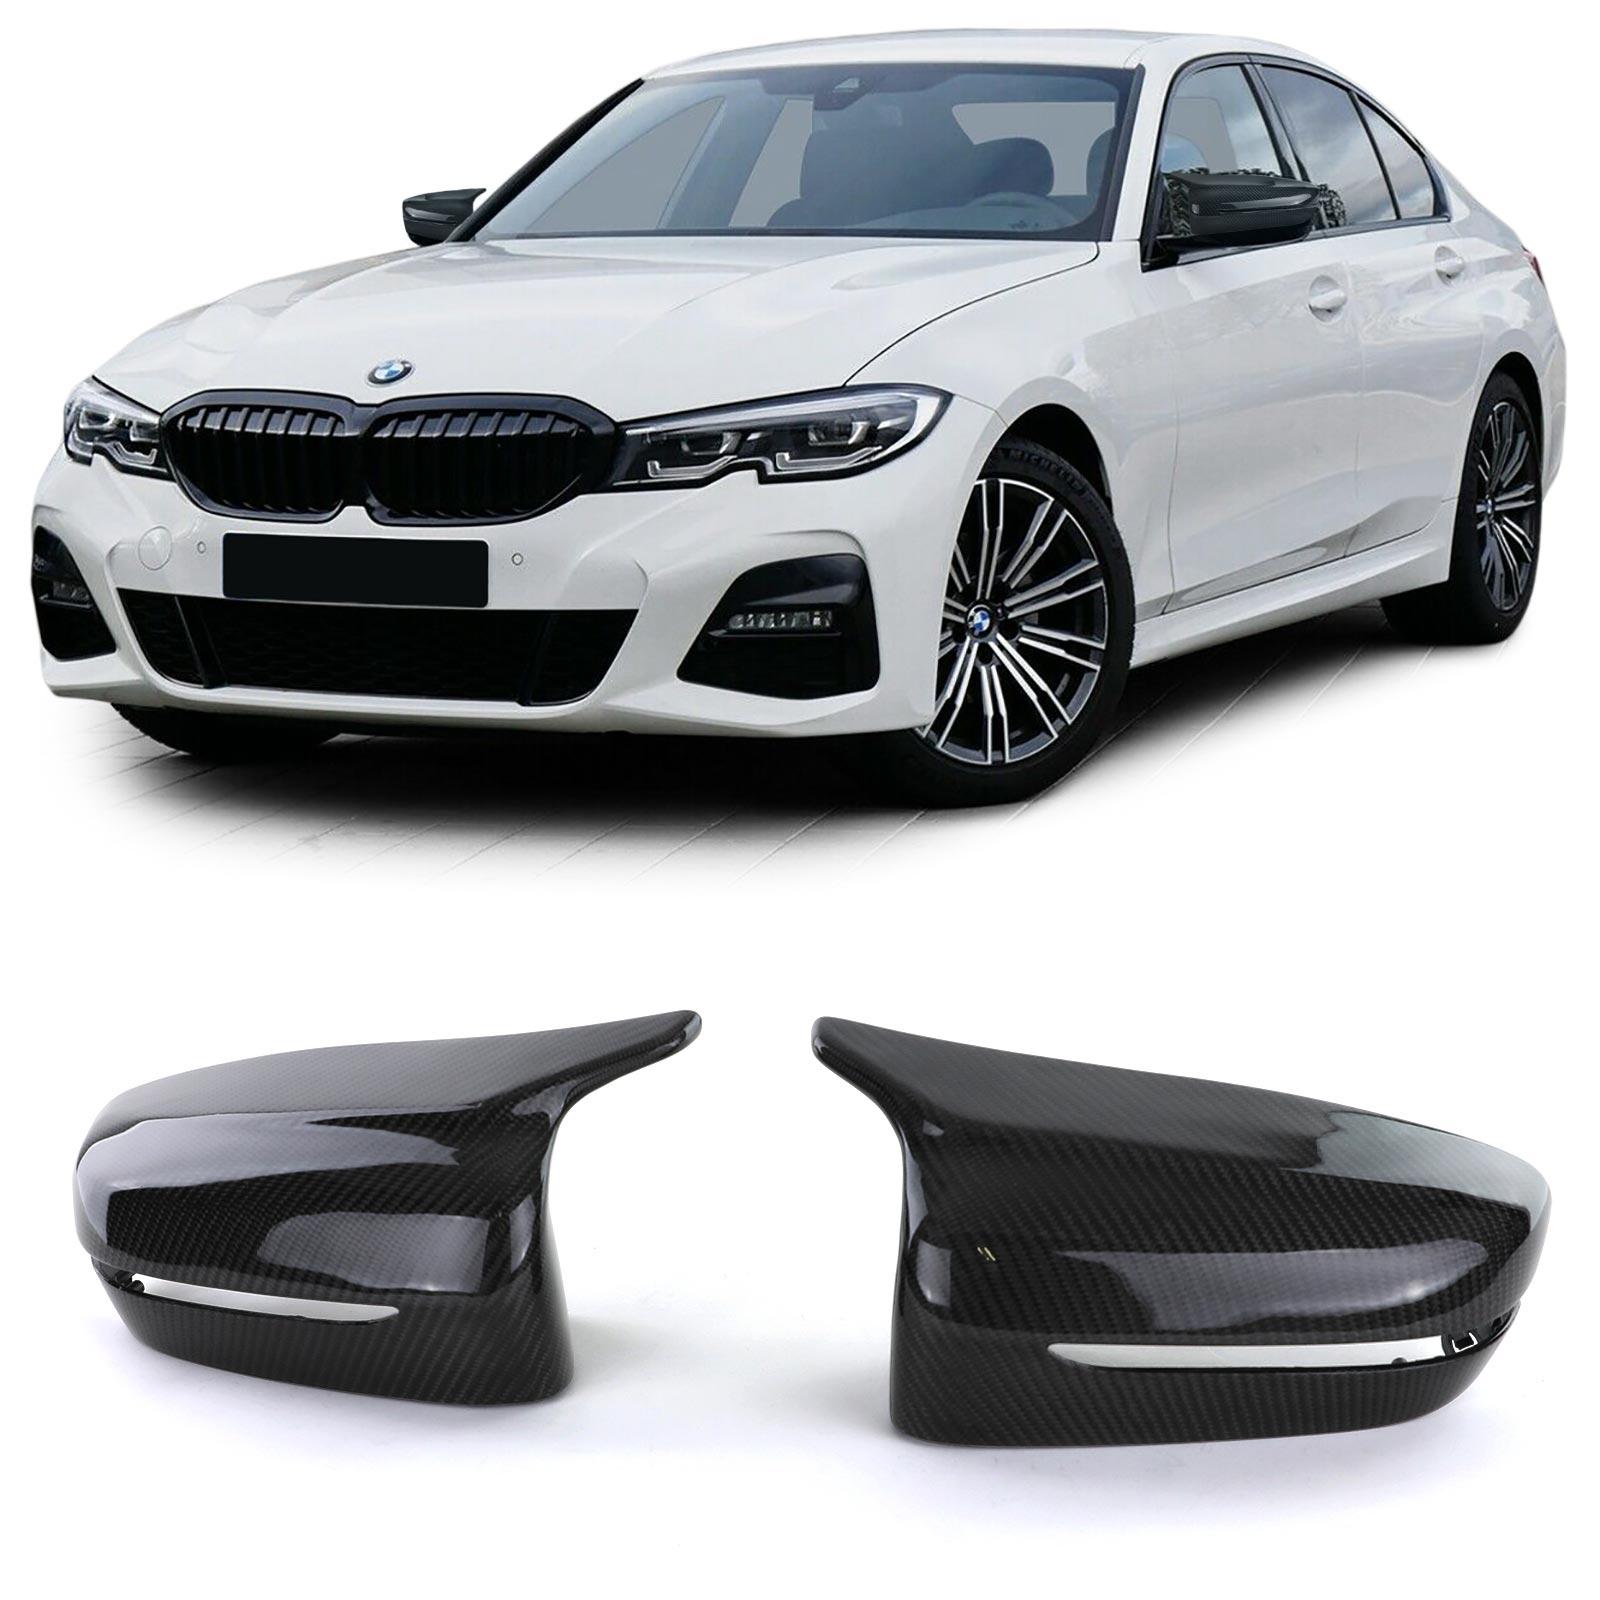 BMW G20/21 cobertura espelhos carbono